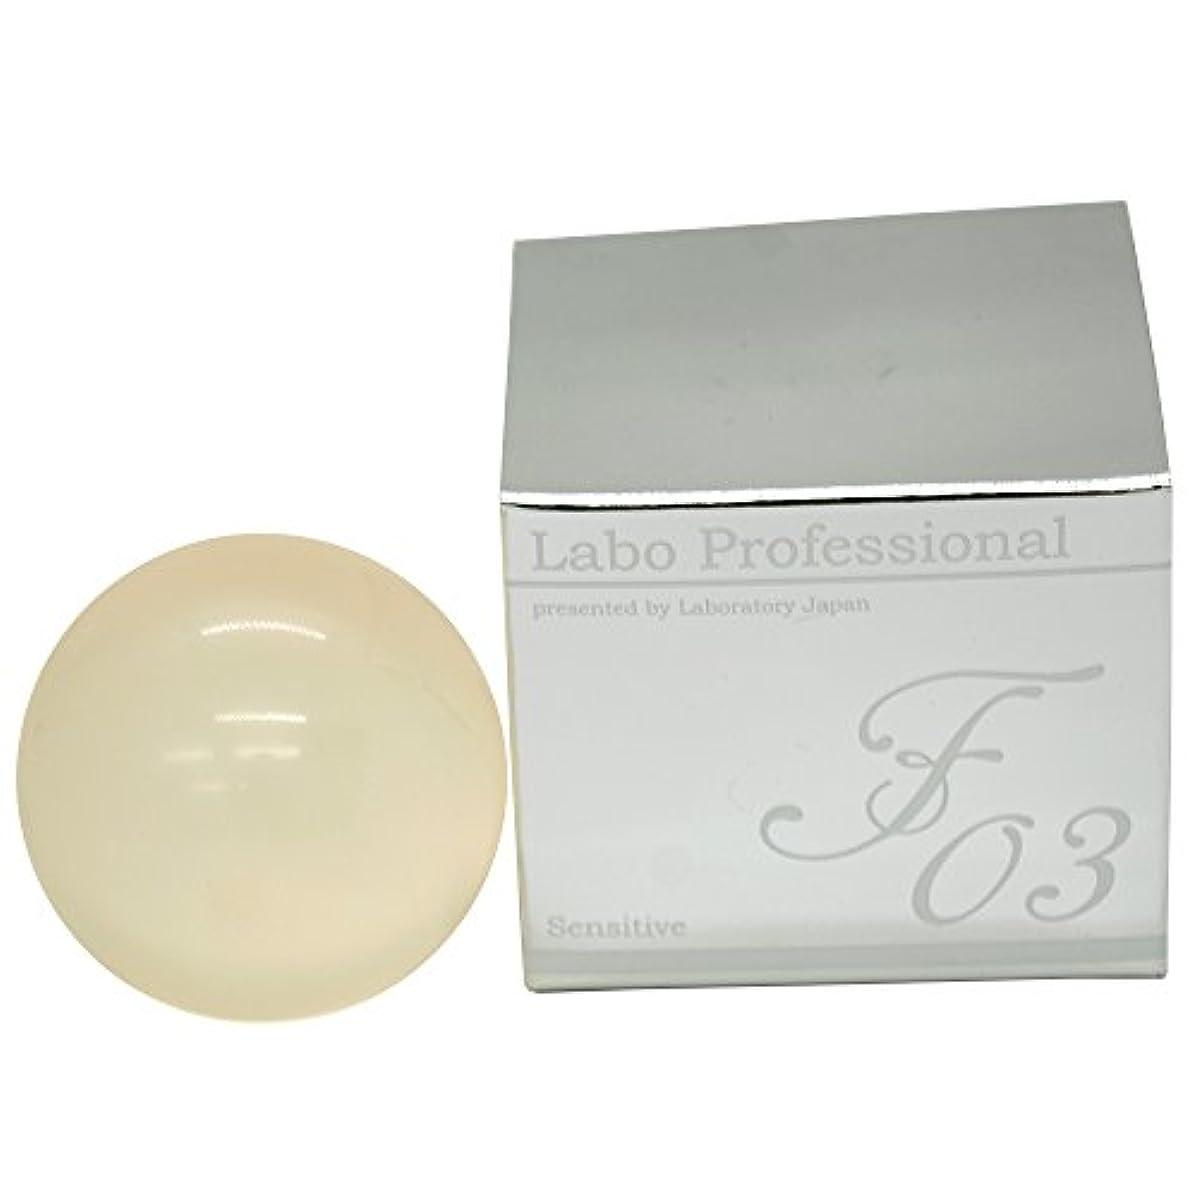 シーンヘルメット強大な日本製【真性フコイダン配合】赤ちゃんから使える 敏感肌向け美容石鹸|Labo Professional F03